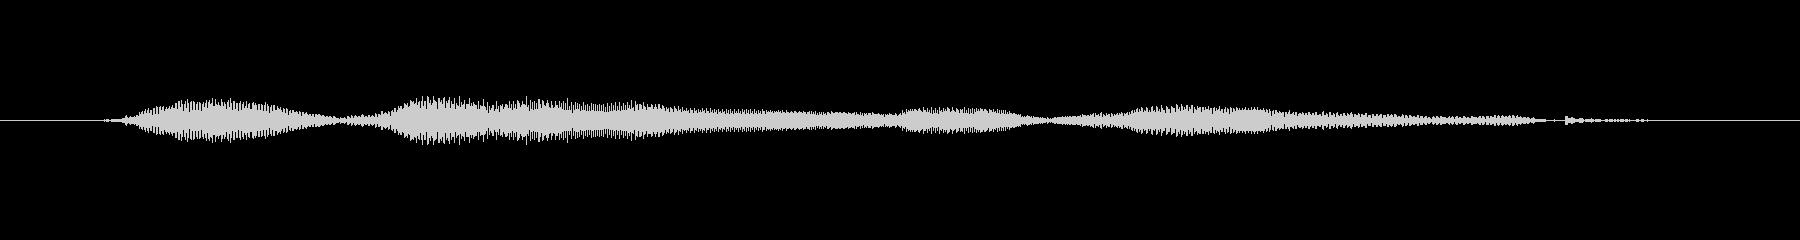 鳴き声 女性トークエルフィッシュ18の未再生の波形